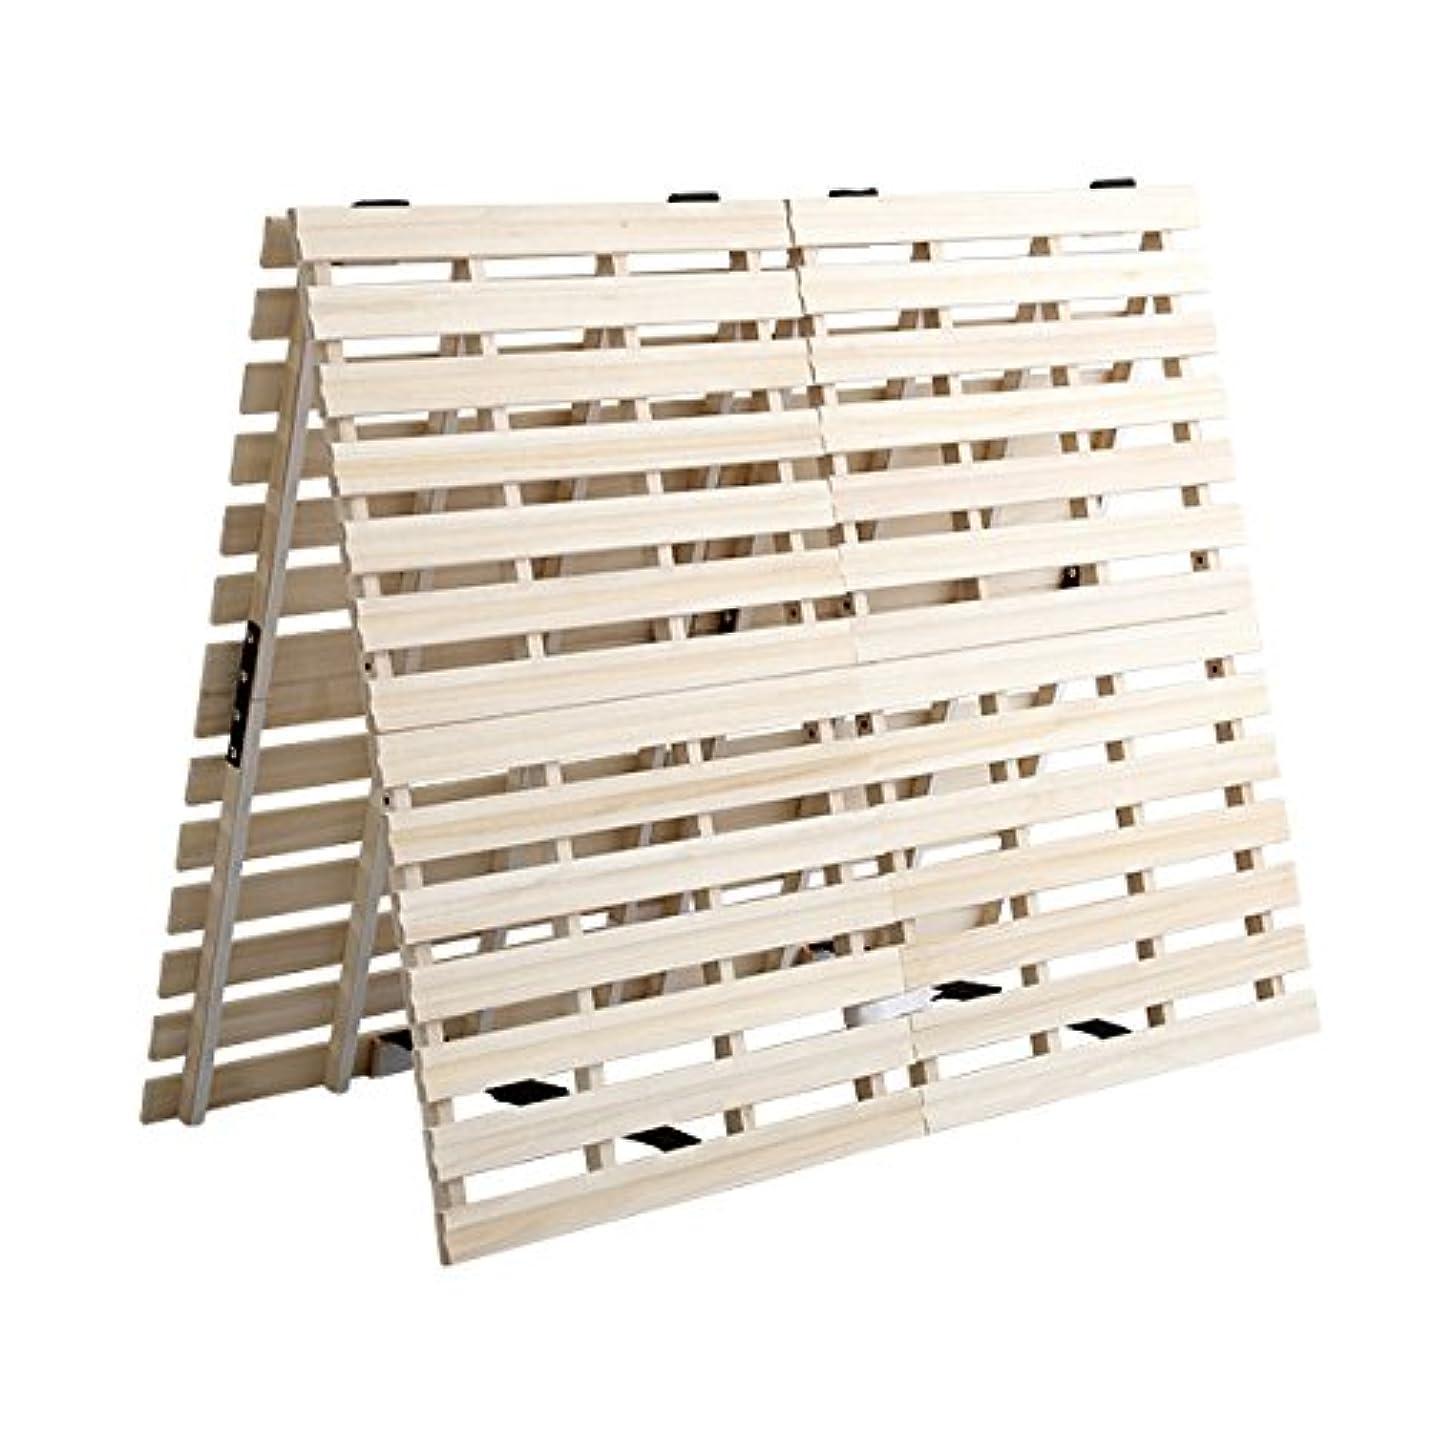 喉が渇いたシェアログすのこマット すのこベッド 2つ折り式 桐仕様(セミダブル)【Coh-ソーン-】 ベッド 折りたたみ 折り畳み すのこベッド 桐 すのこ 二つ折り 木製 湿気